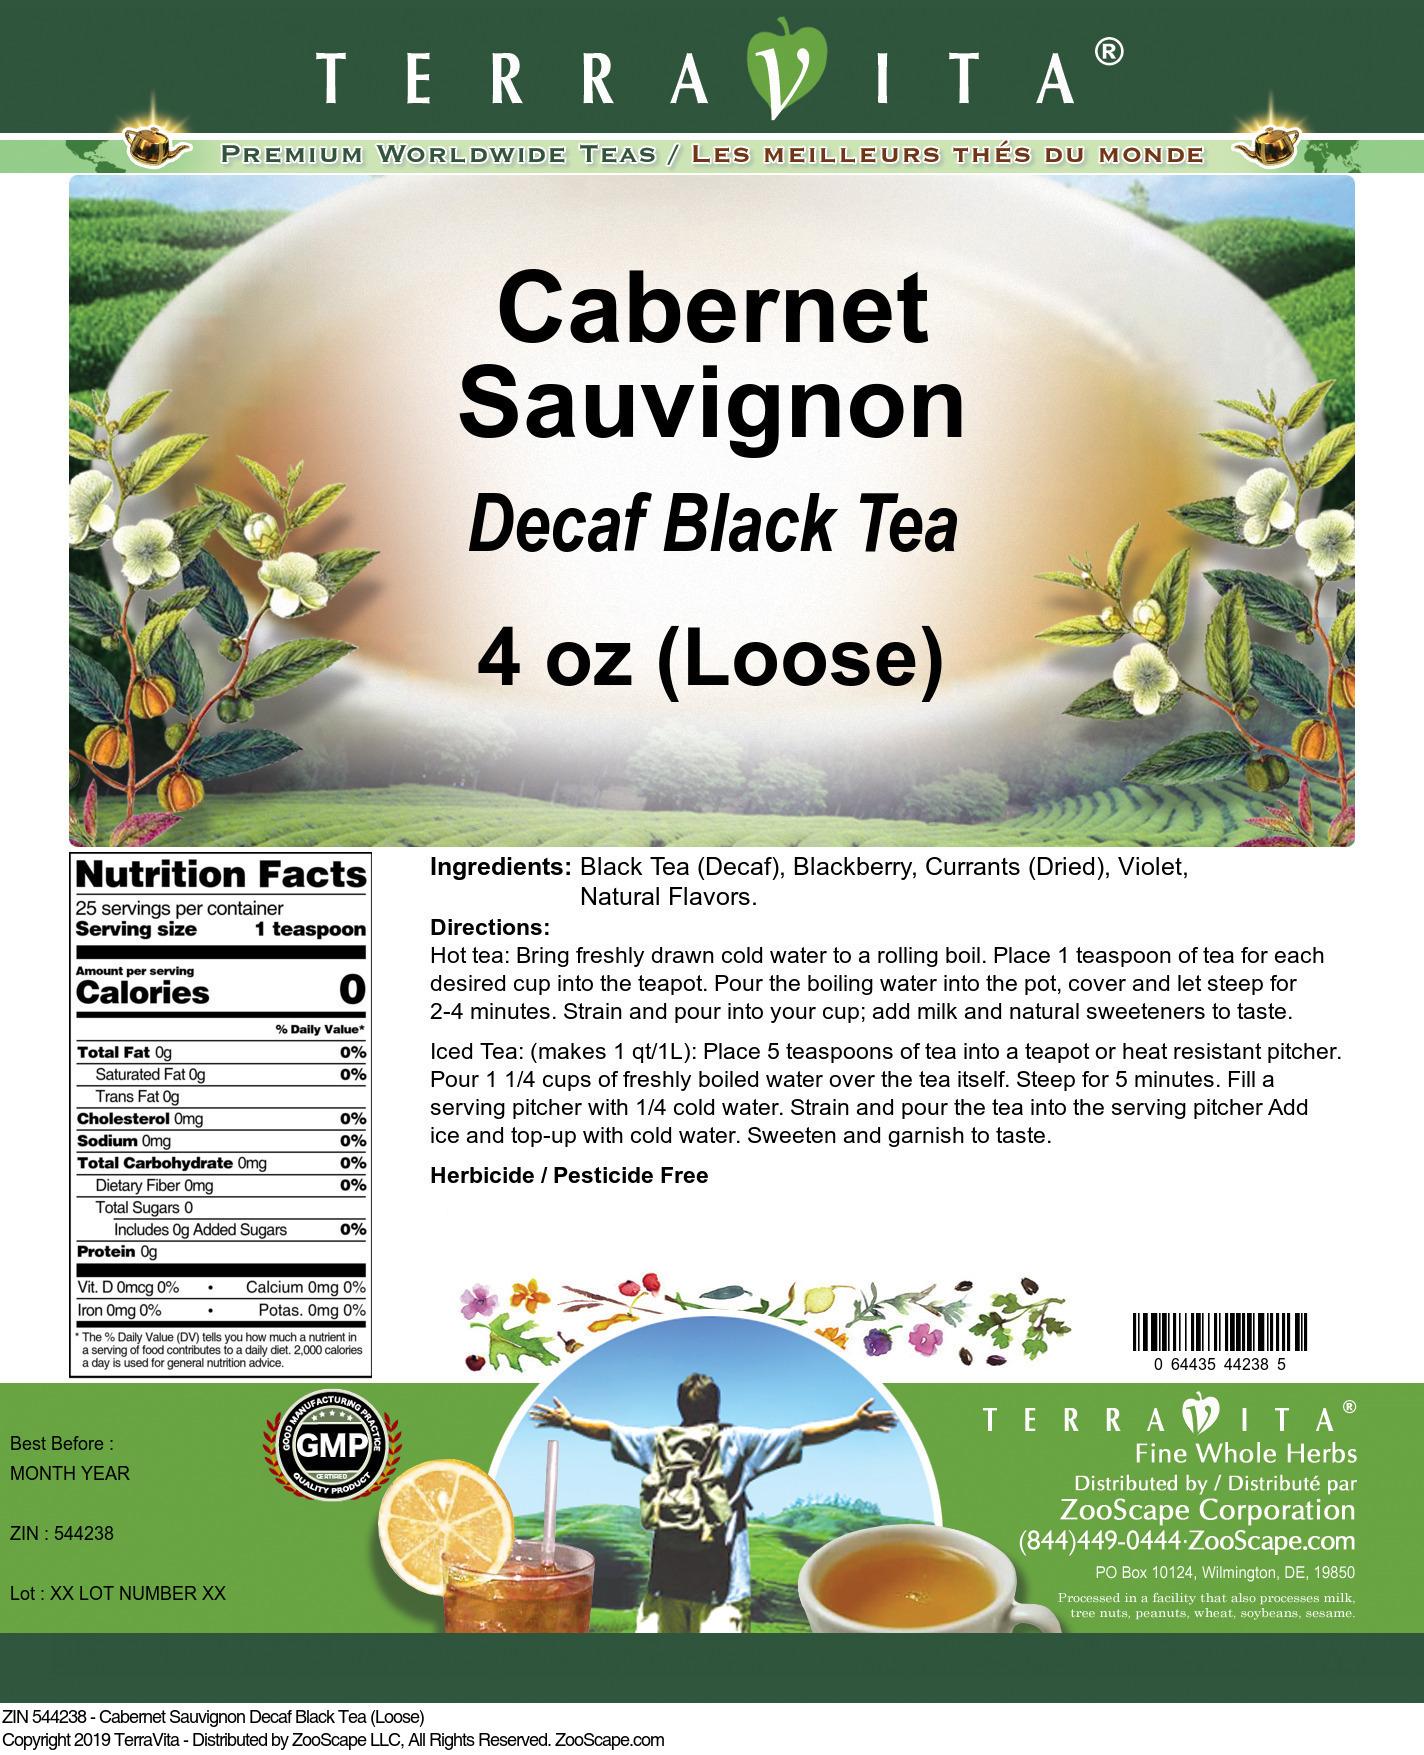 Cabernet Sauvignon Decaf Black Tea (Loose)